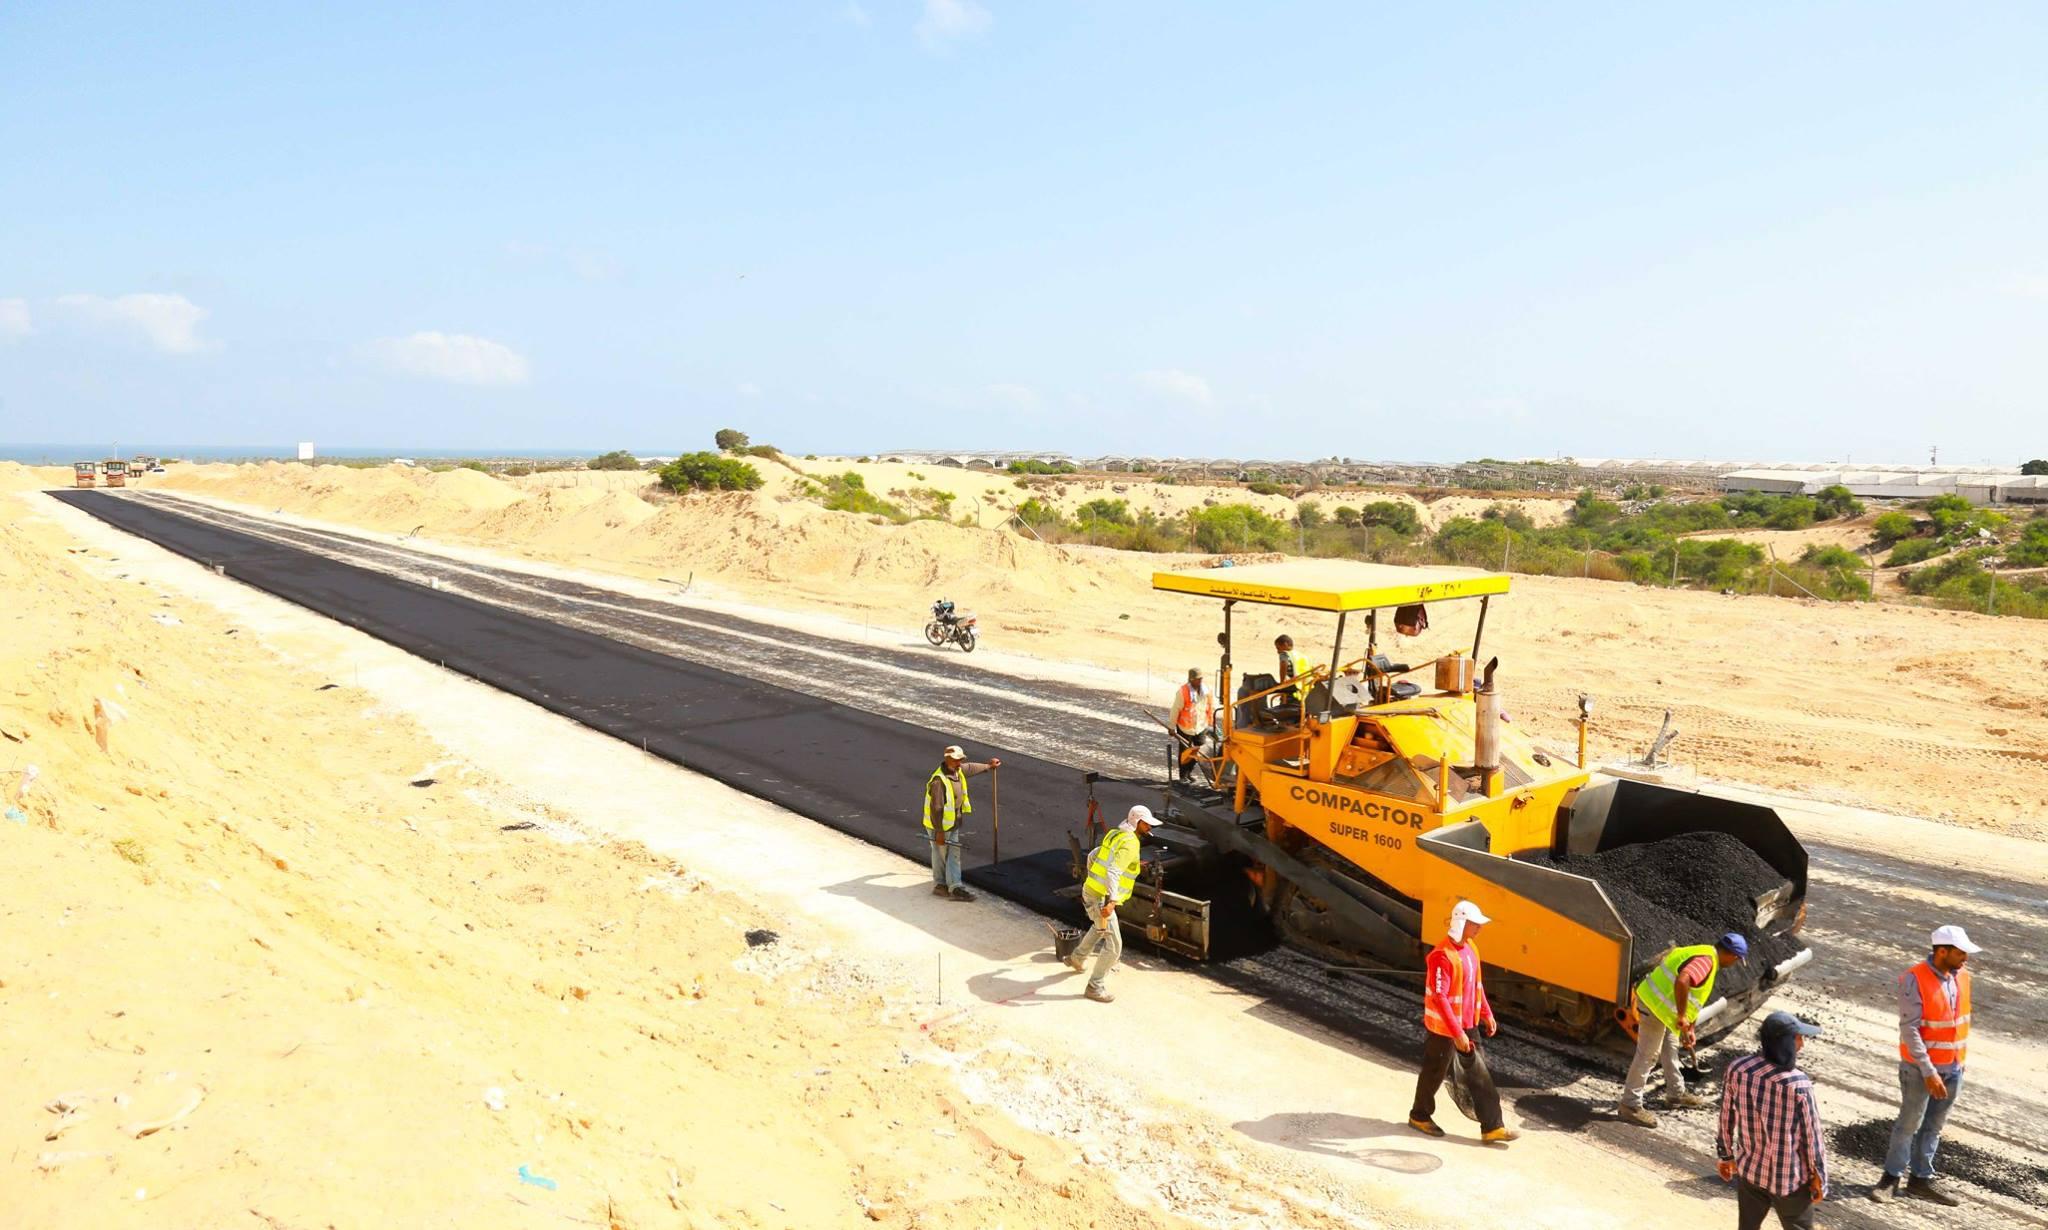 بلدية خان يونس تنفذ 12 مشروعاً بـ 3 مليون دولار